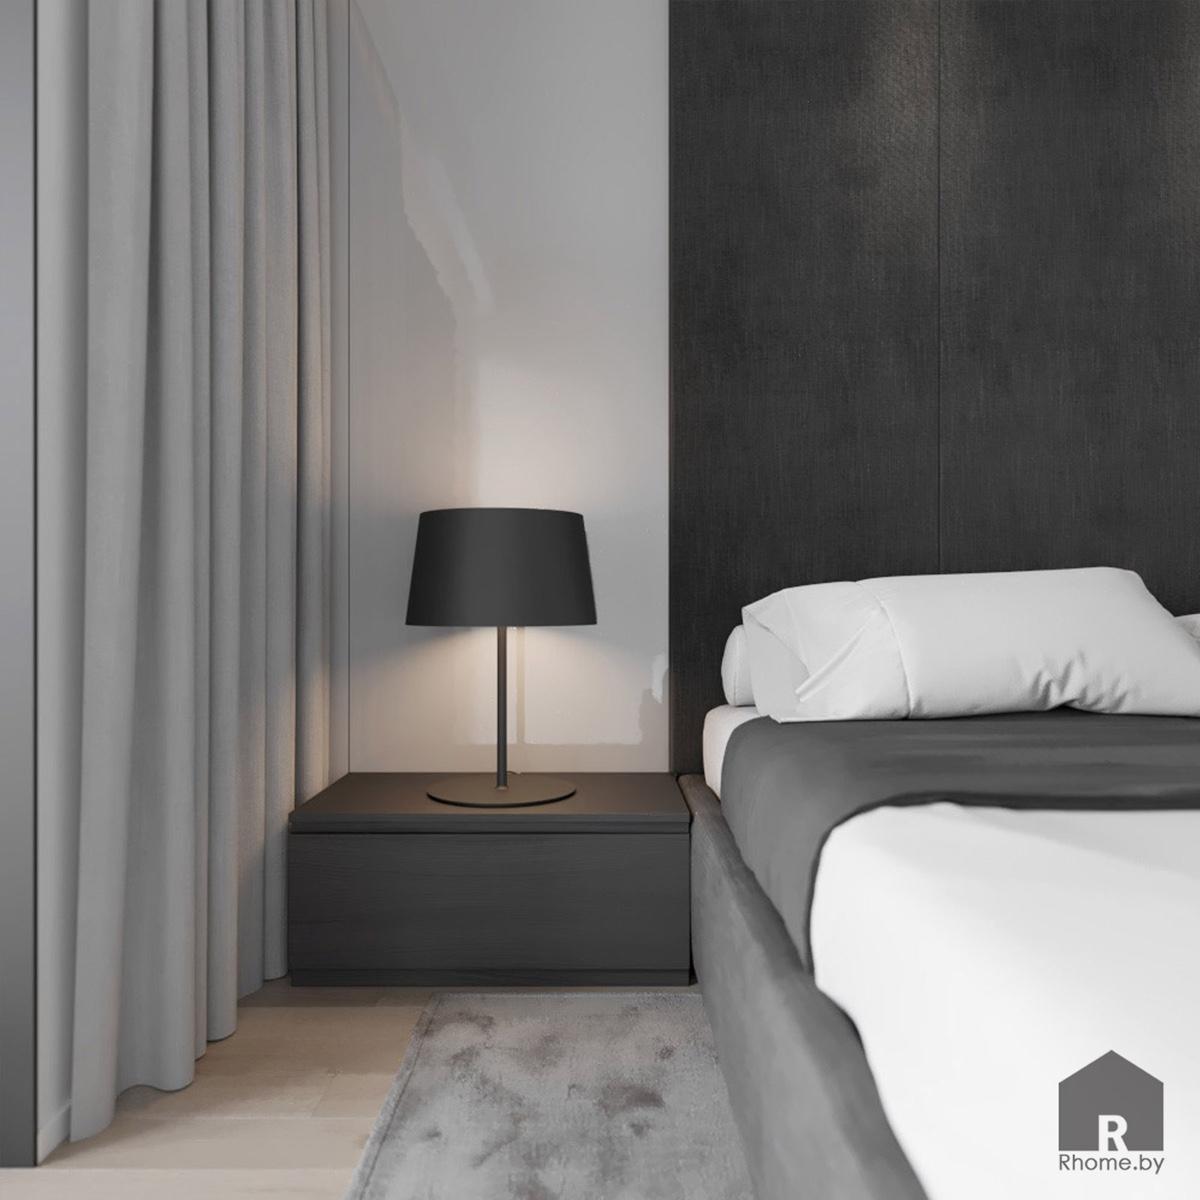 Дизайн интерьера спальни в квартире на улице Мстиславца | Дизайн студия – Rhome.by